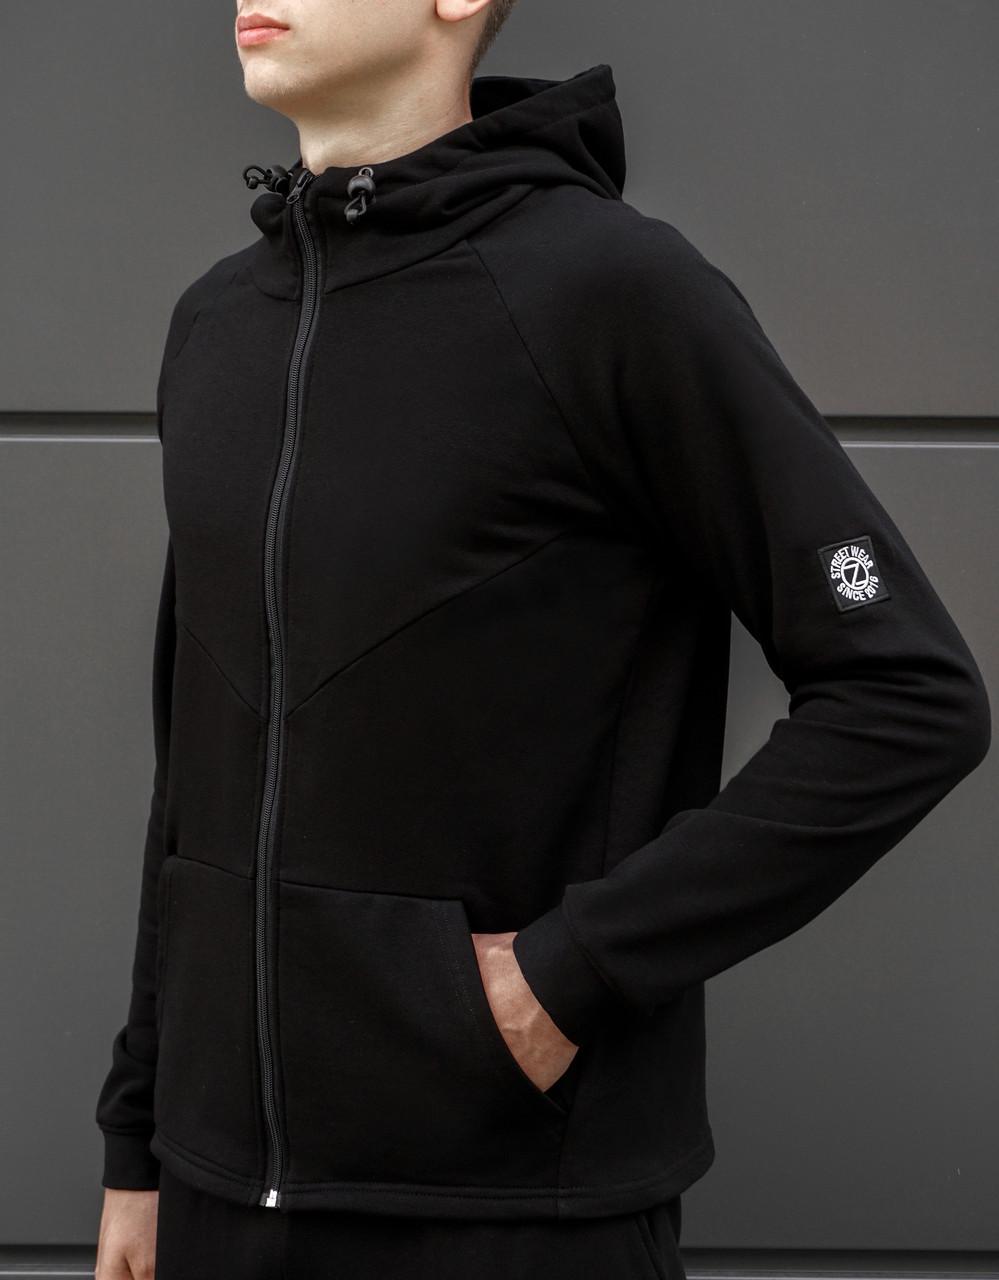 """Спортивная мужская черная  кофта от """" BEZET """" модель """"Tech black '18"""""""